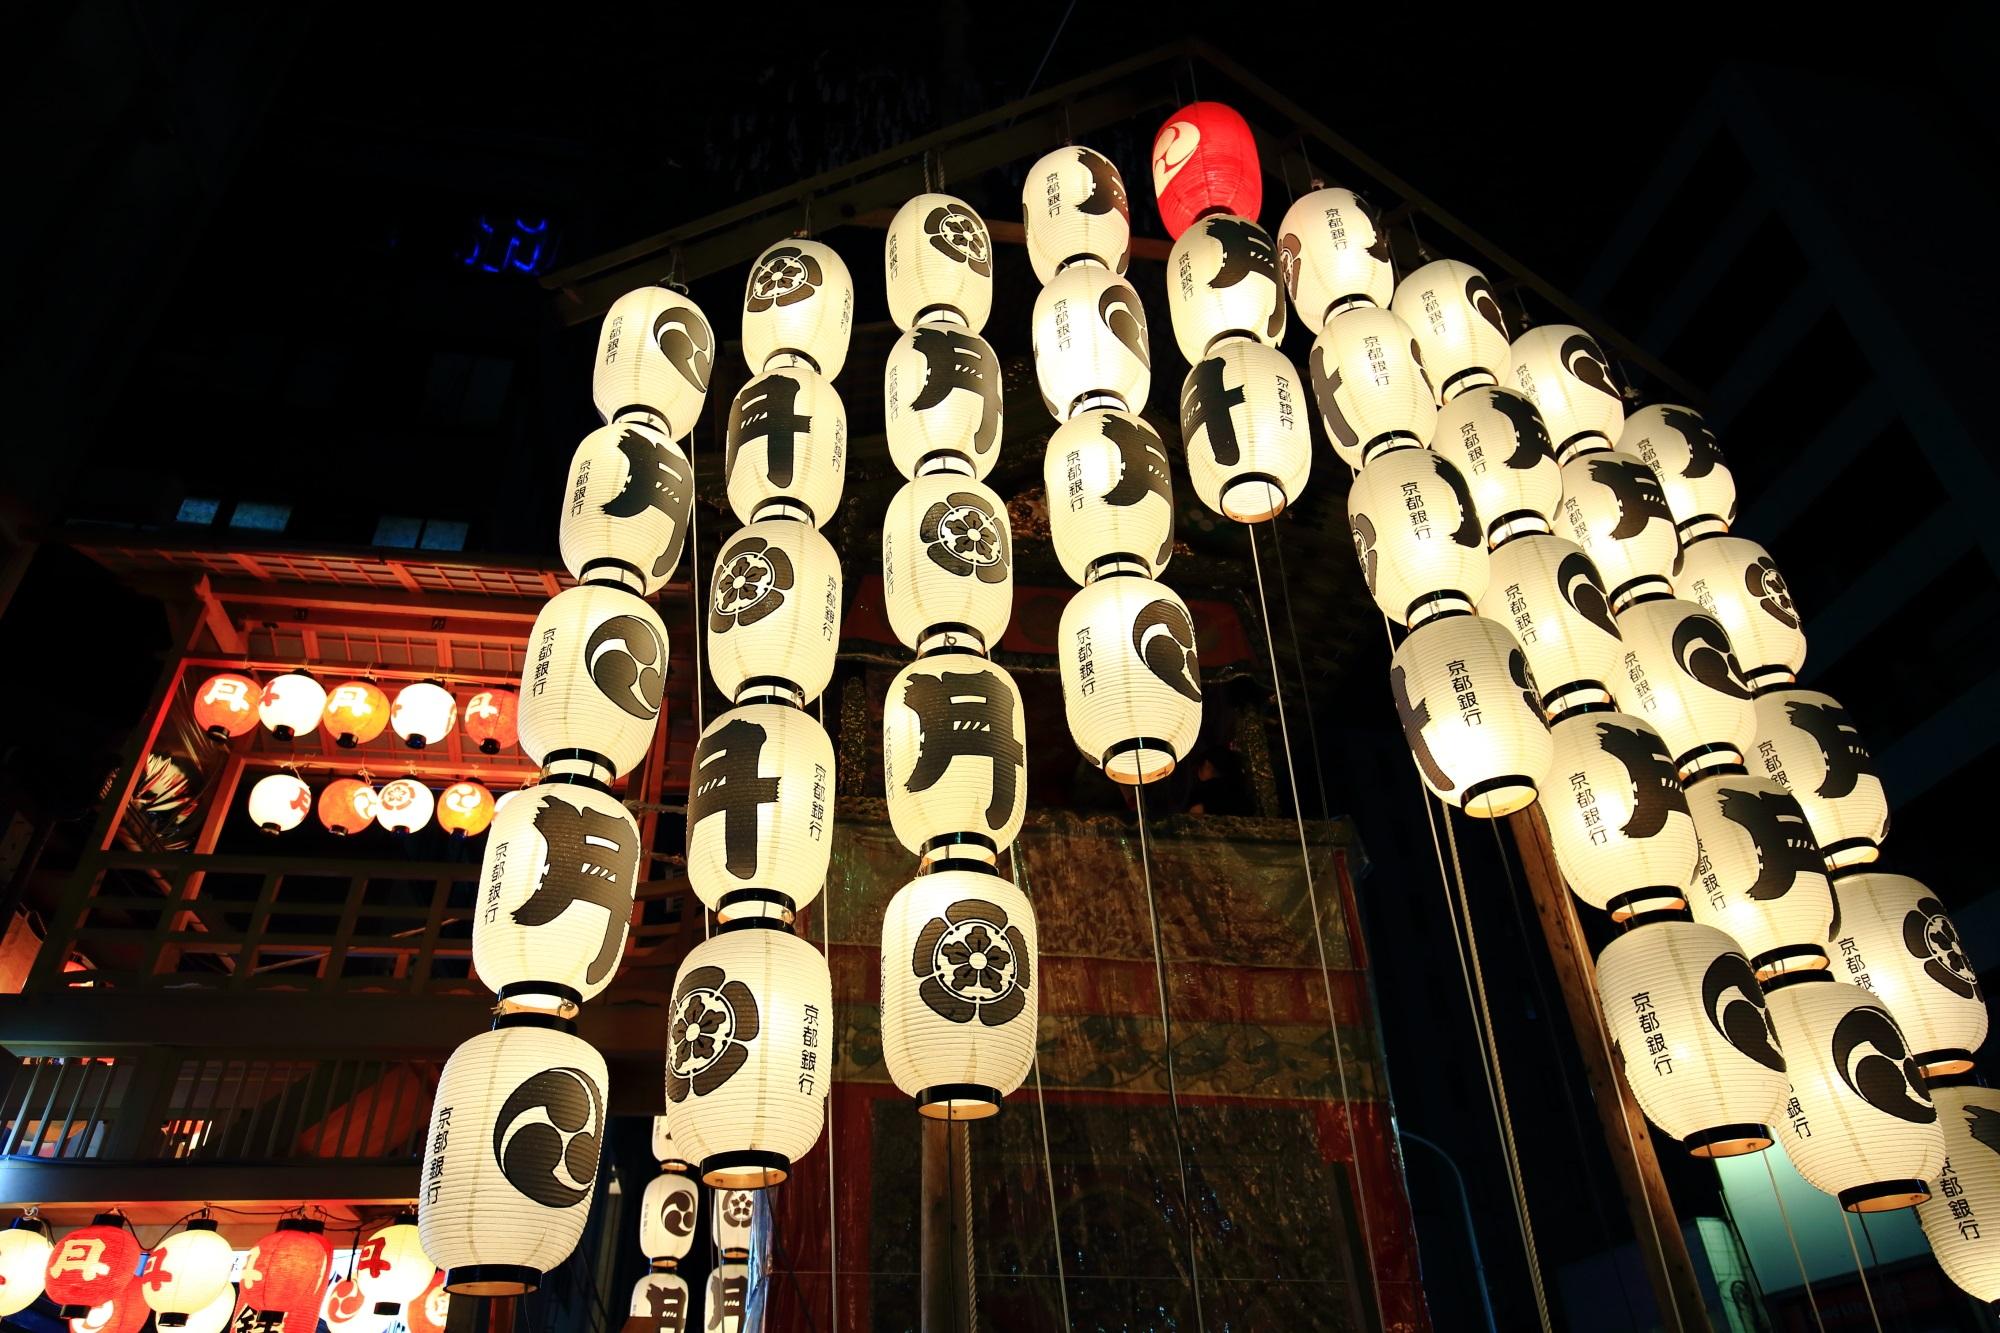 祇園祭の宵山の風情ある月鉾の駒形提灯